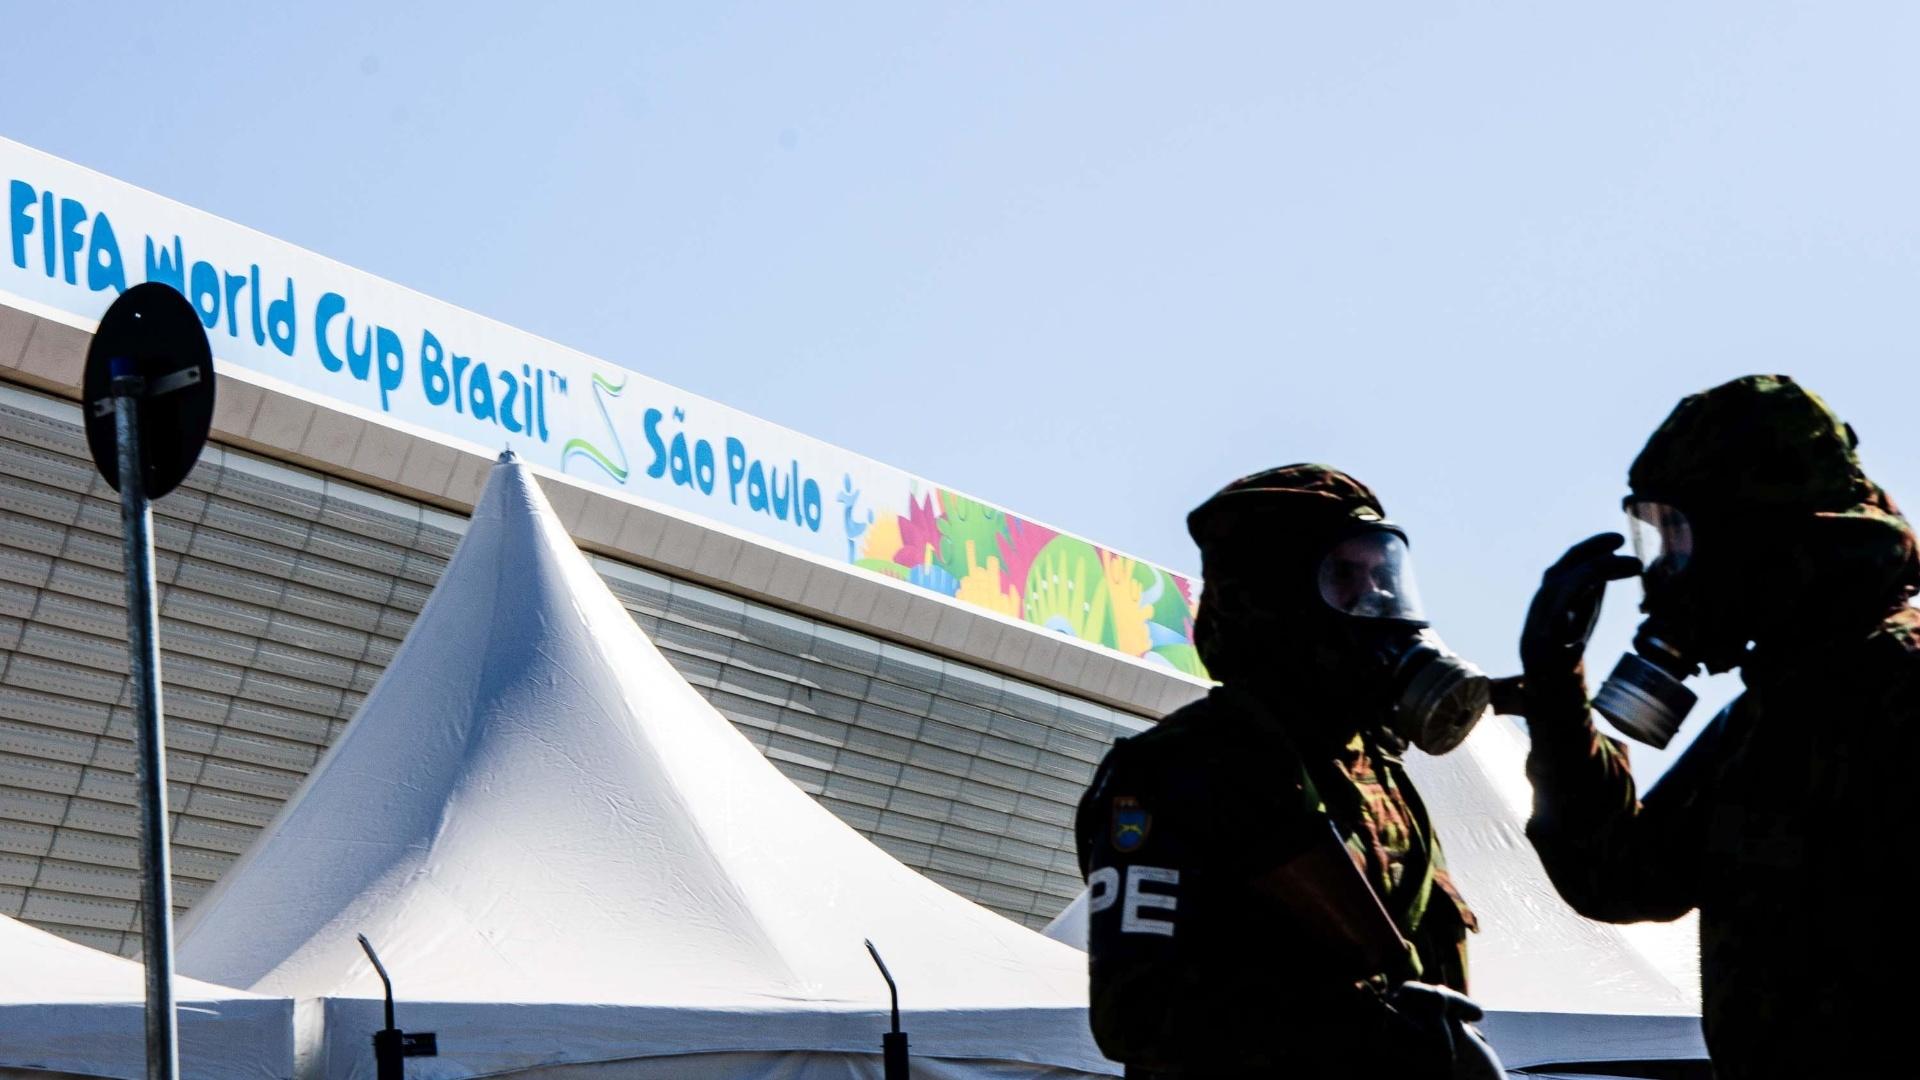 04.jun.2014 - Homens do exército brasileiro fazem treino contra ataque químico no Itaquerão nesta quarta-feira